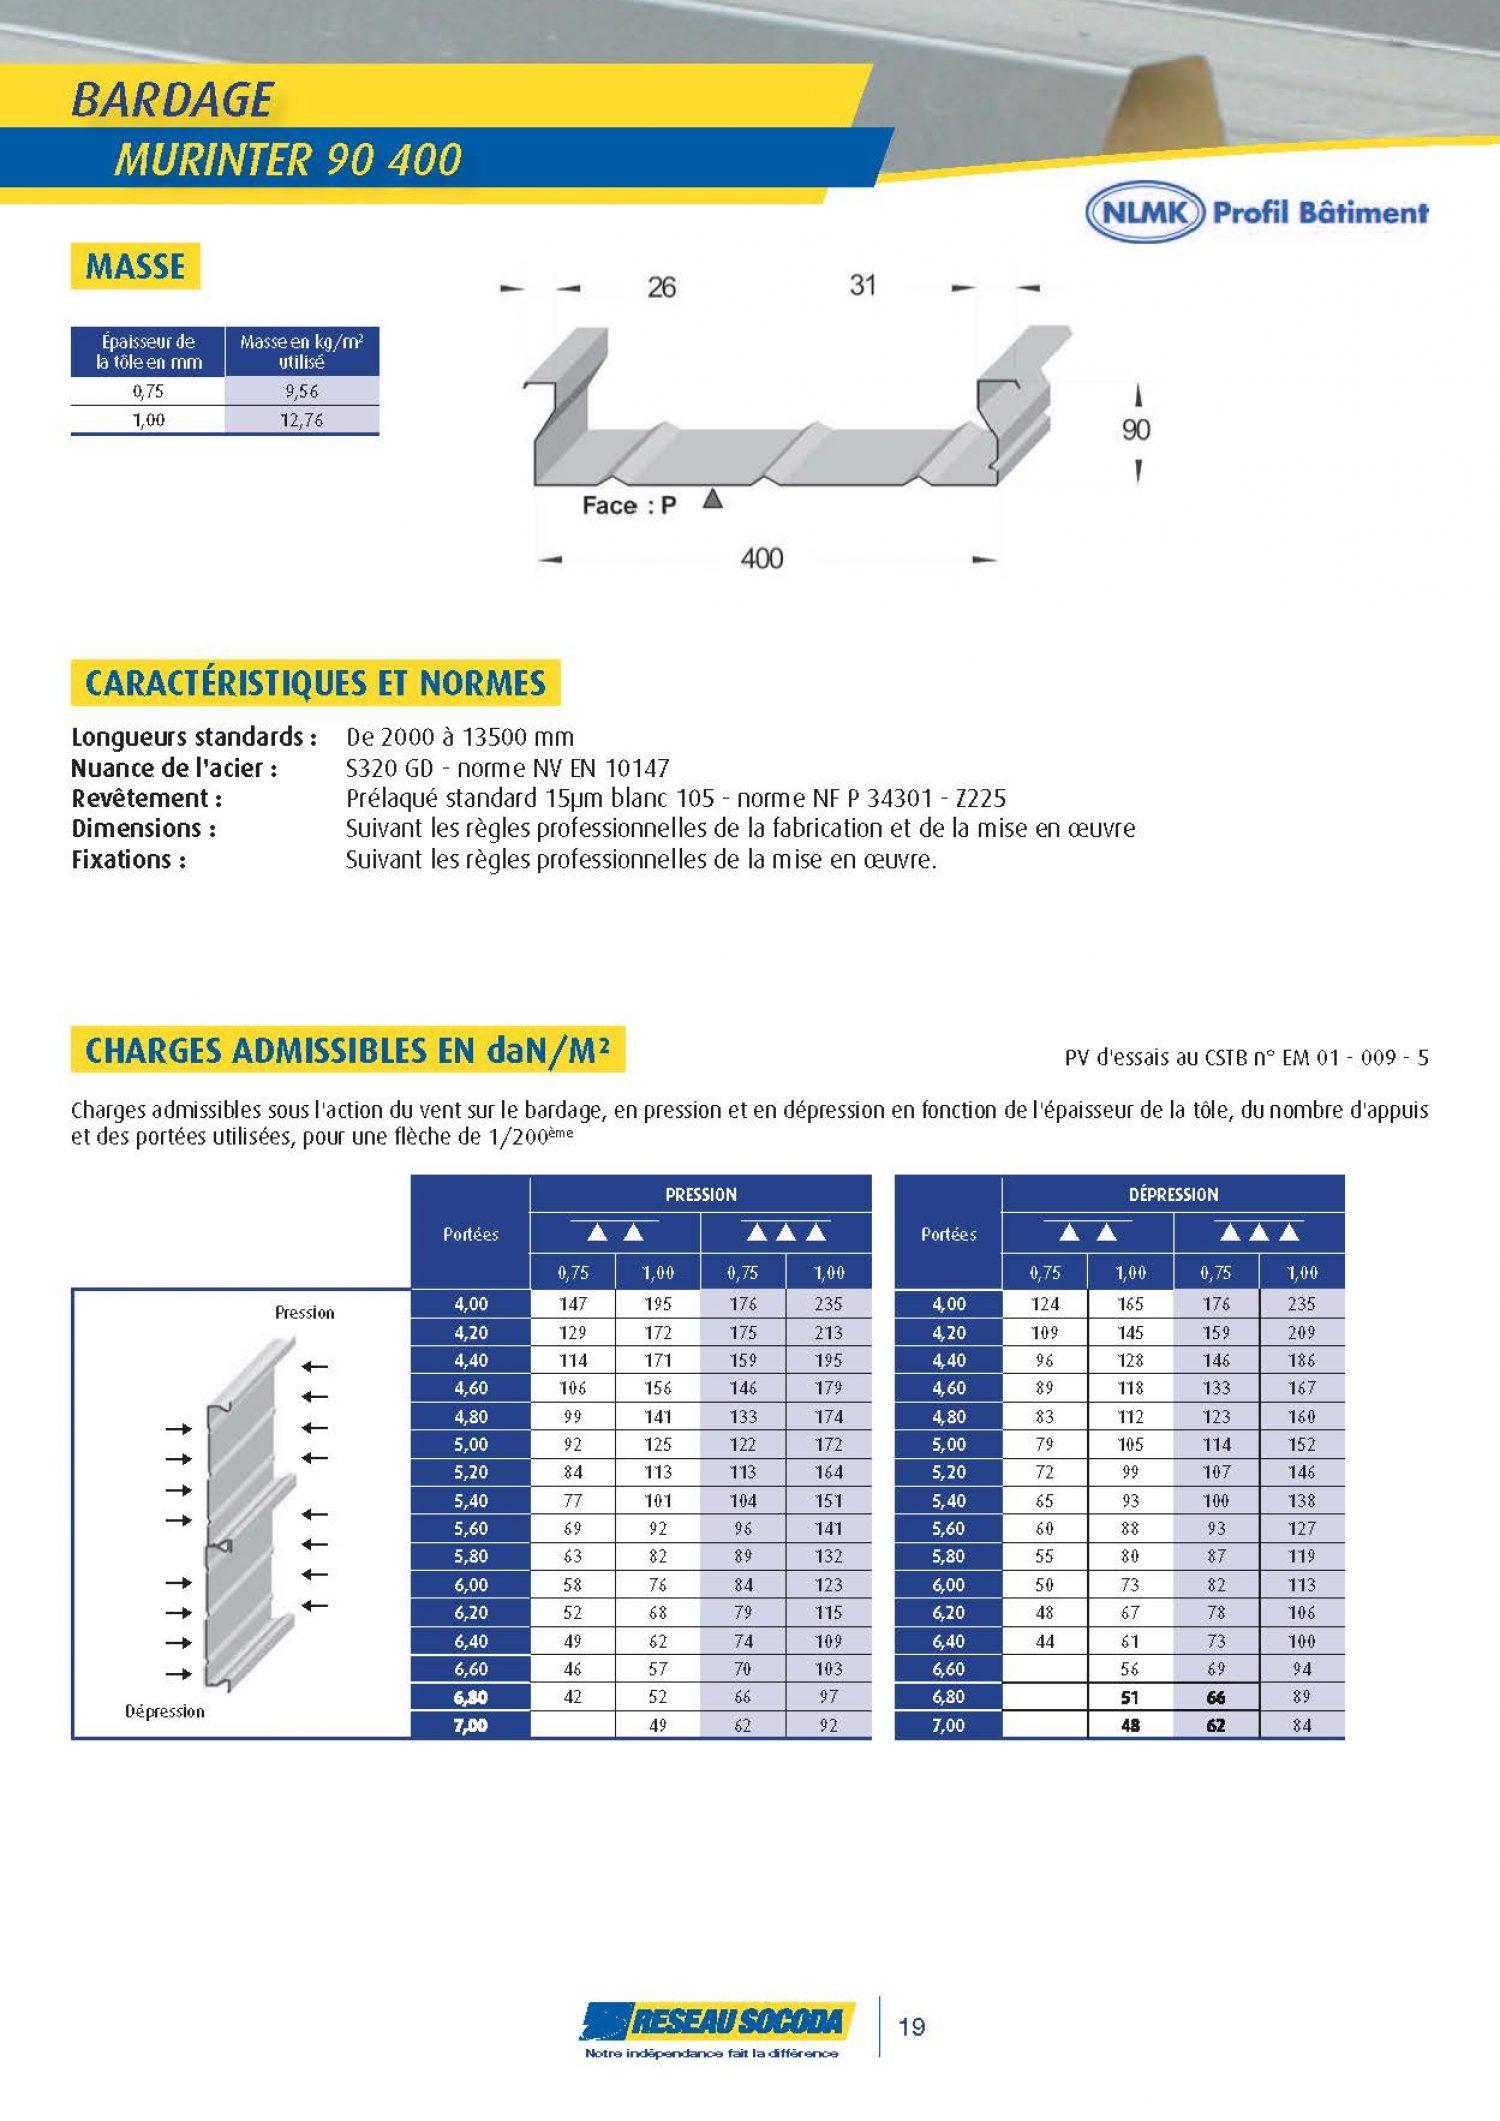 GERMOND_2014 PROFIL BATIMENT_20140324-184231_Page_19